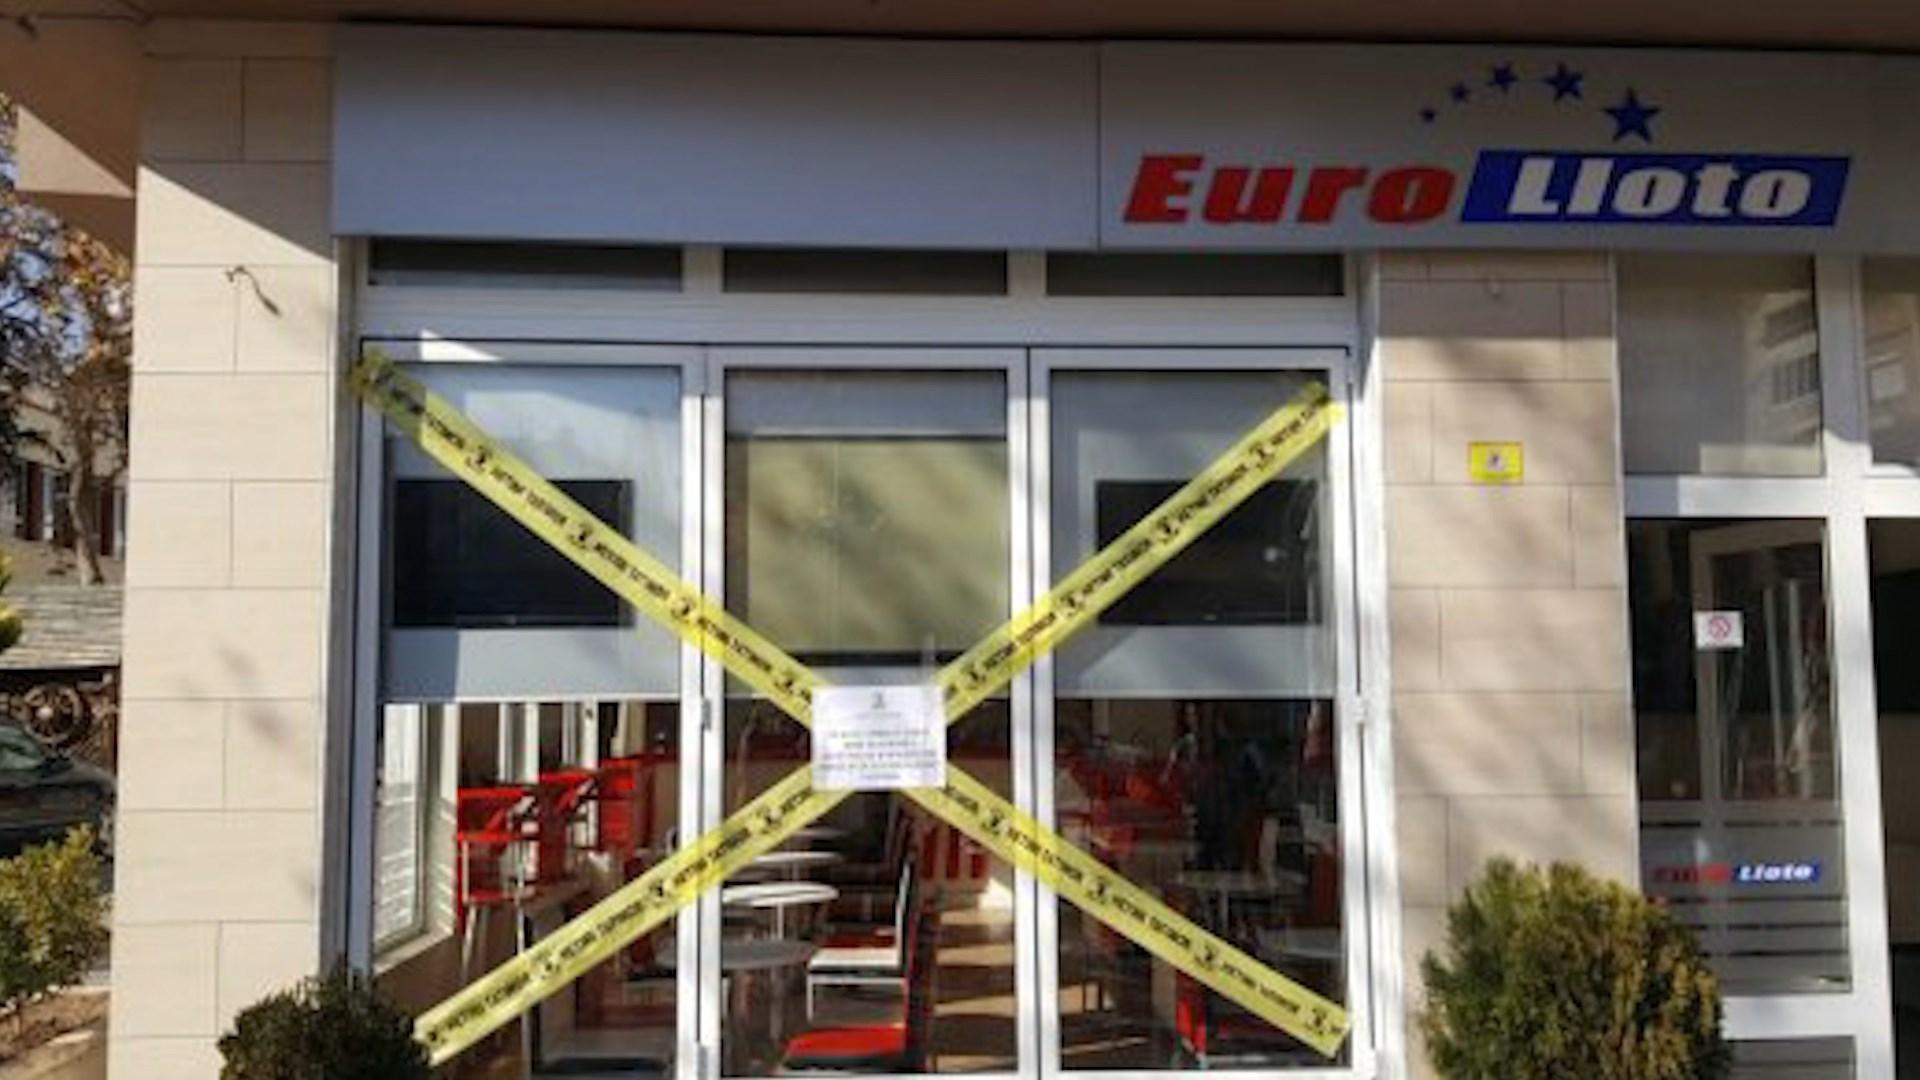 Fushata anti informalitet, 26.7 milionë lekë vlera e penaliteteve